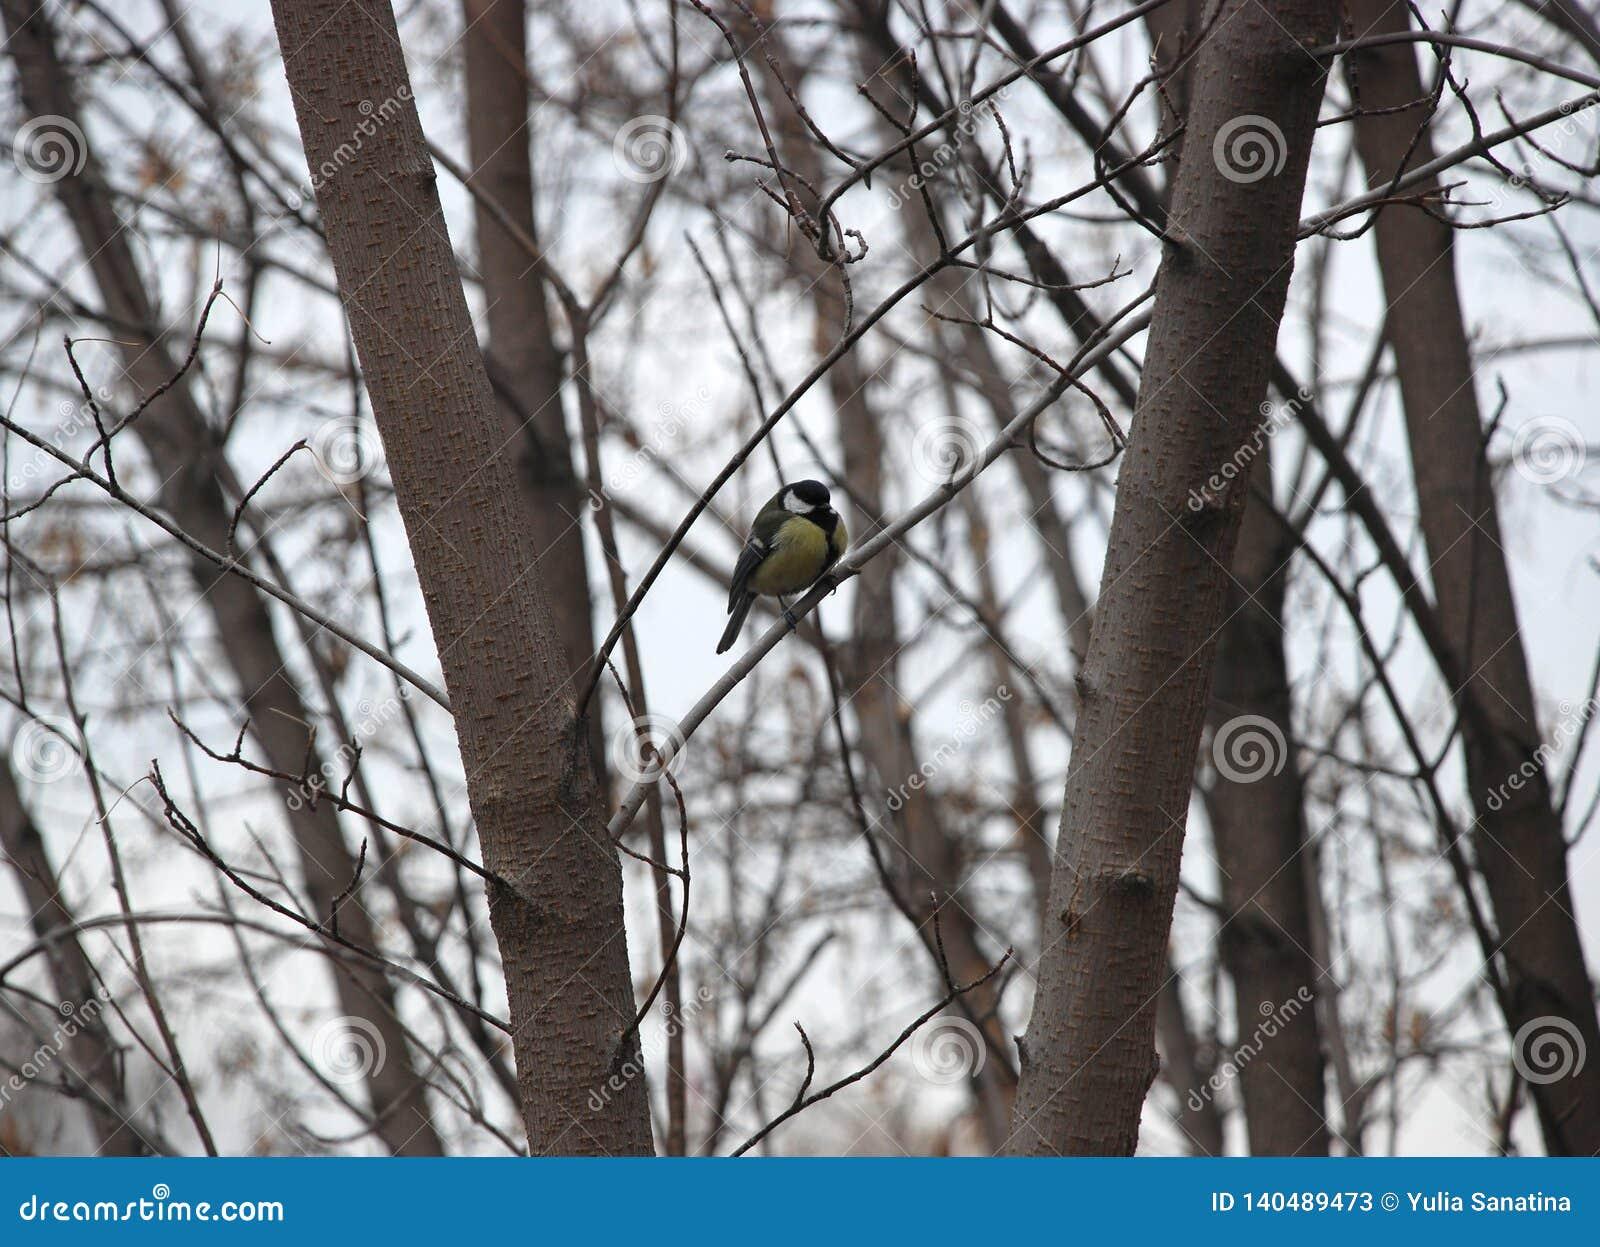 El pájaro de Tomtit se sienta en la rama del árbol